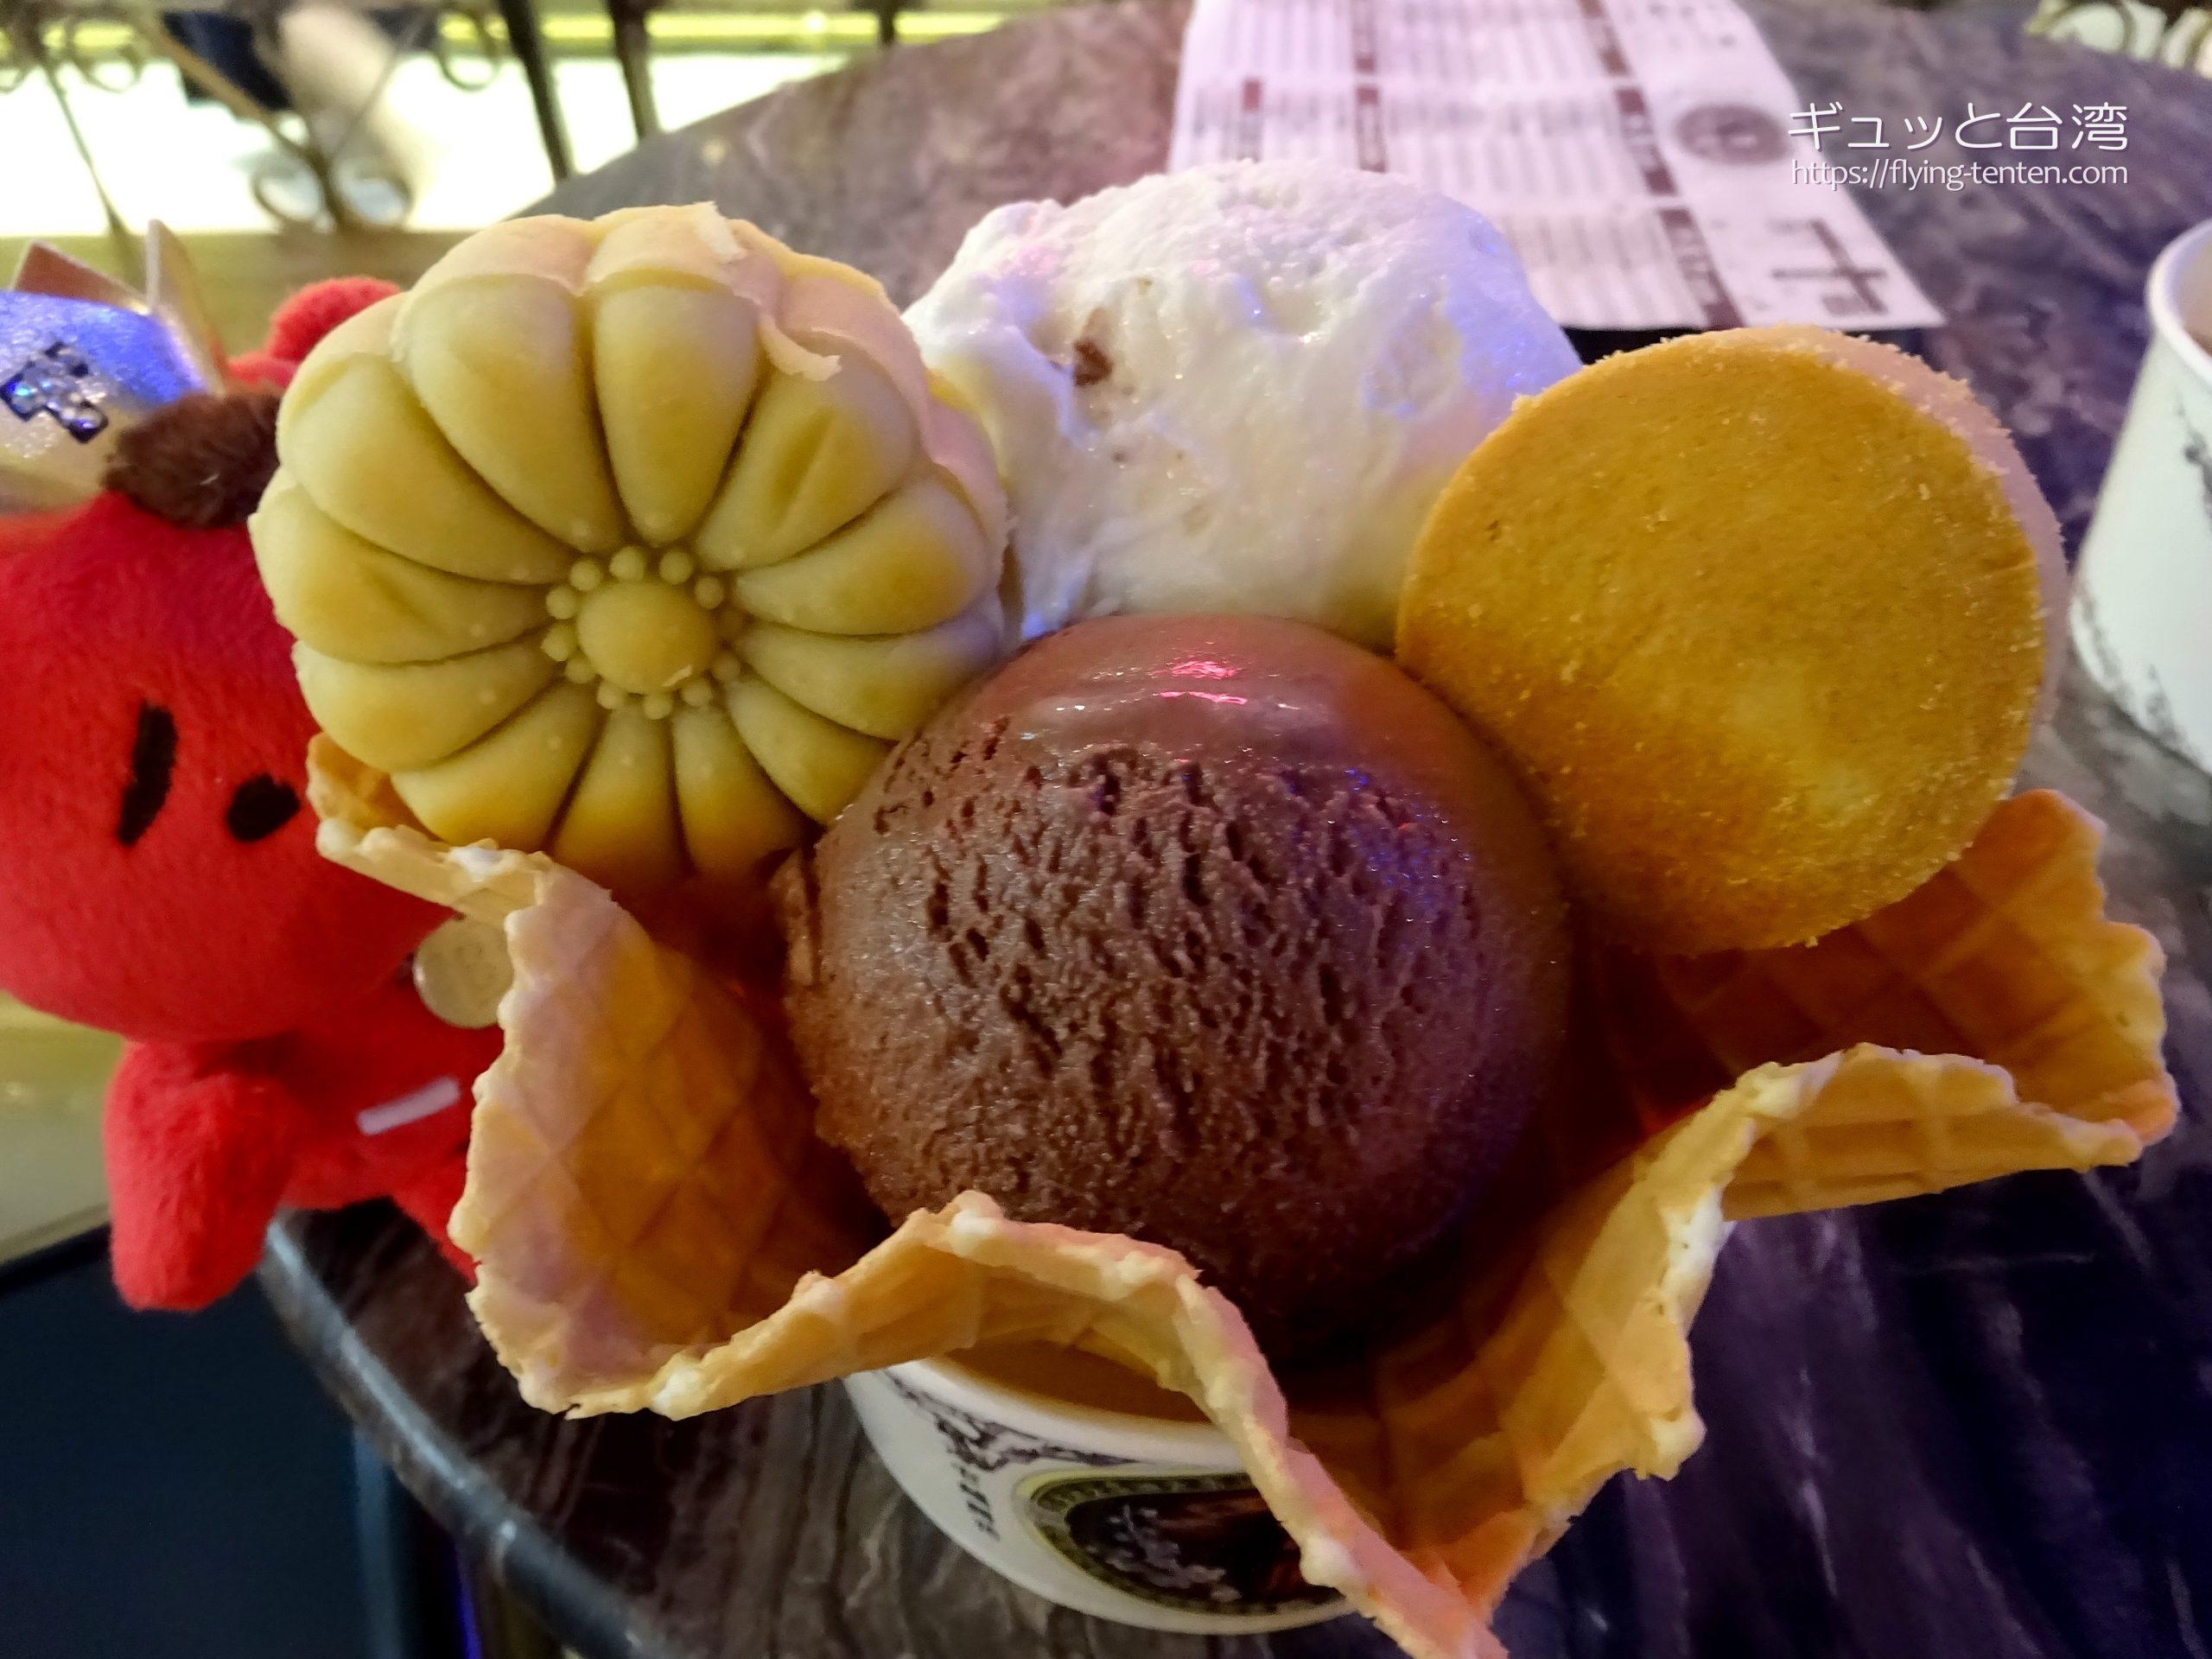 宮原眼科のアイスクリーム